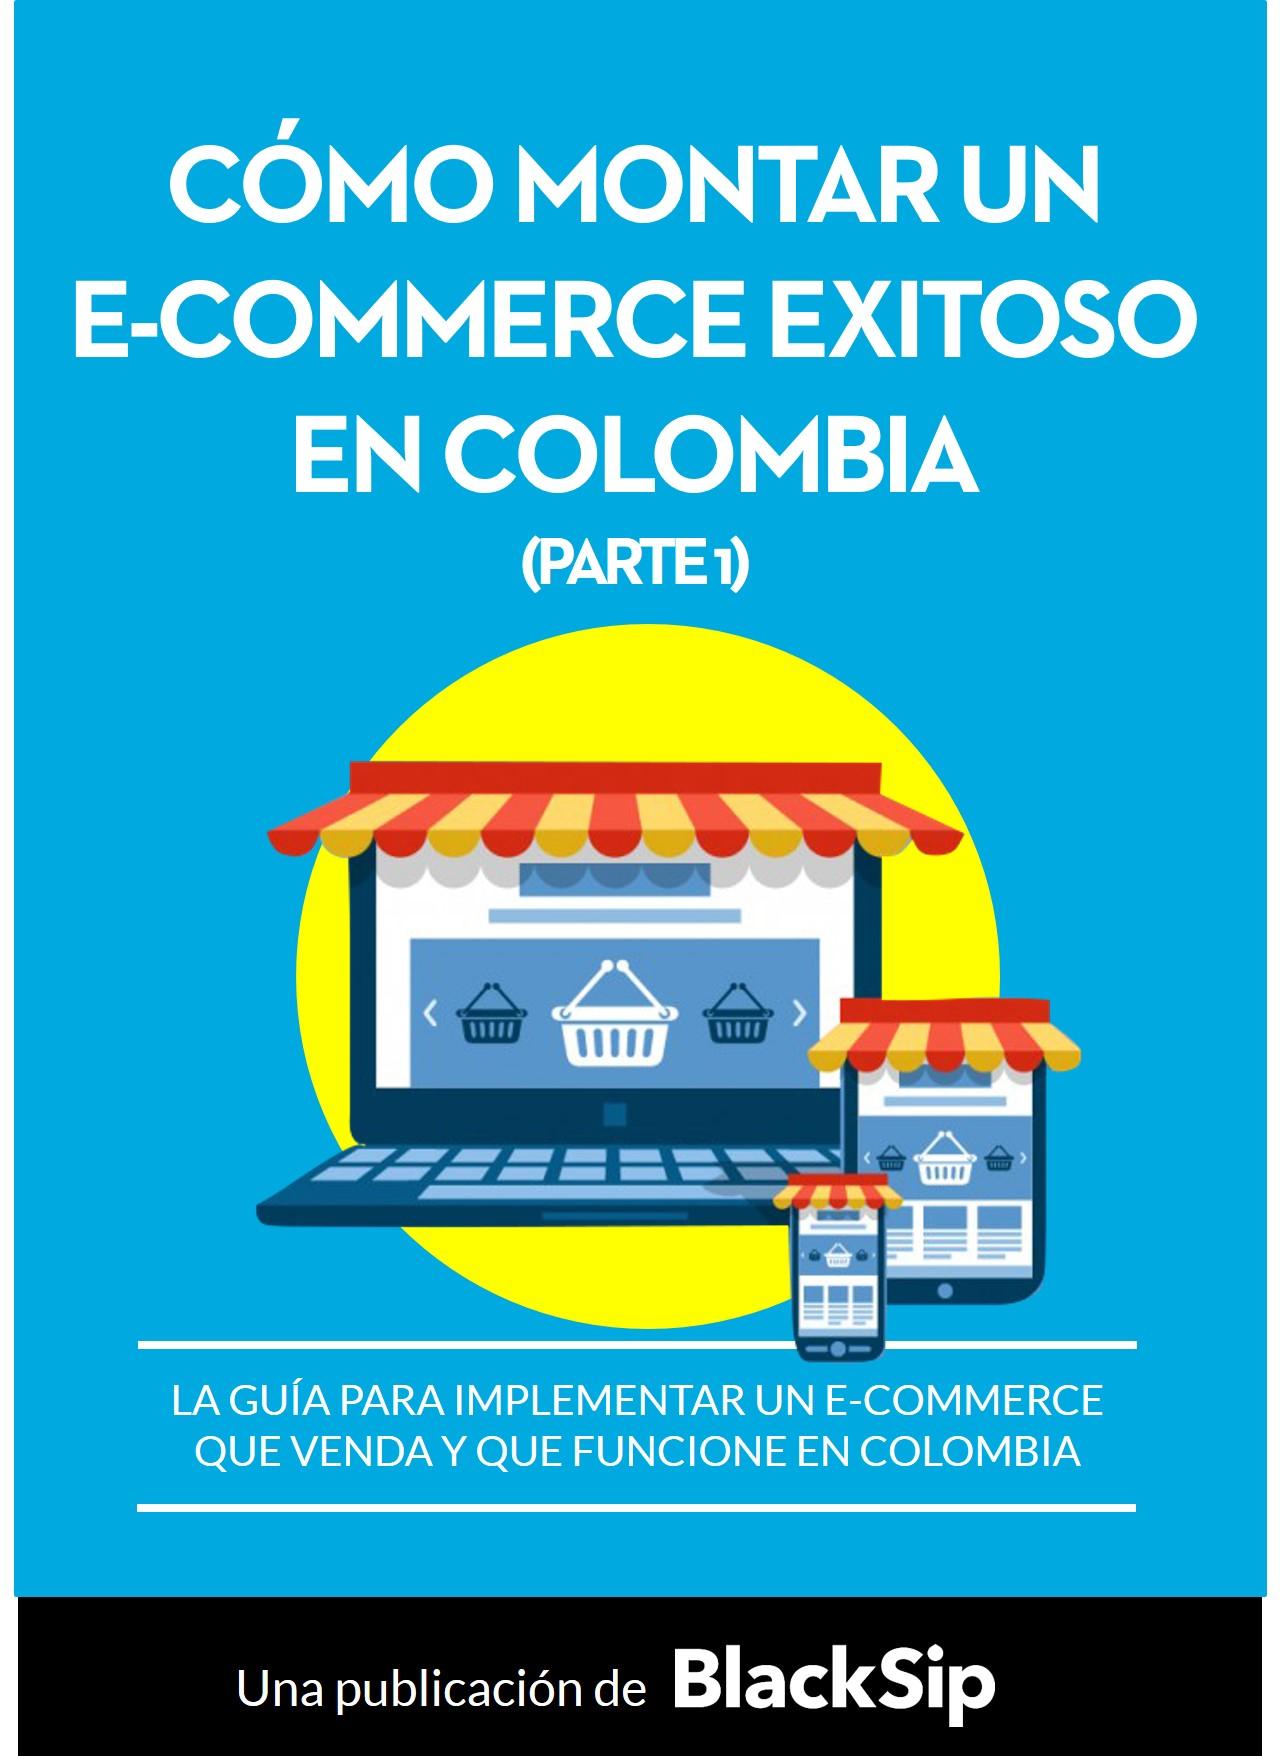 Como_montar_un_ecommerce_exitoso_en_Colombia.jpg